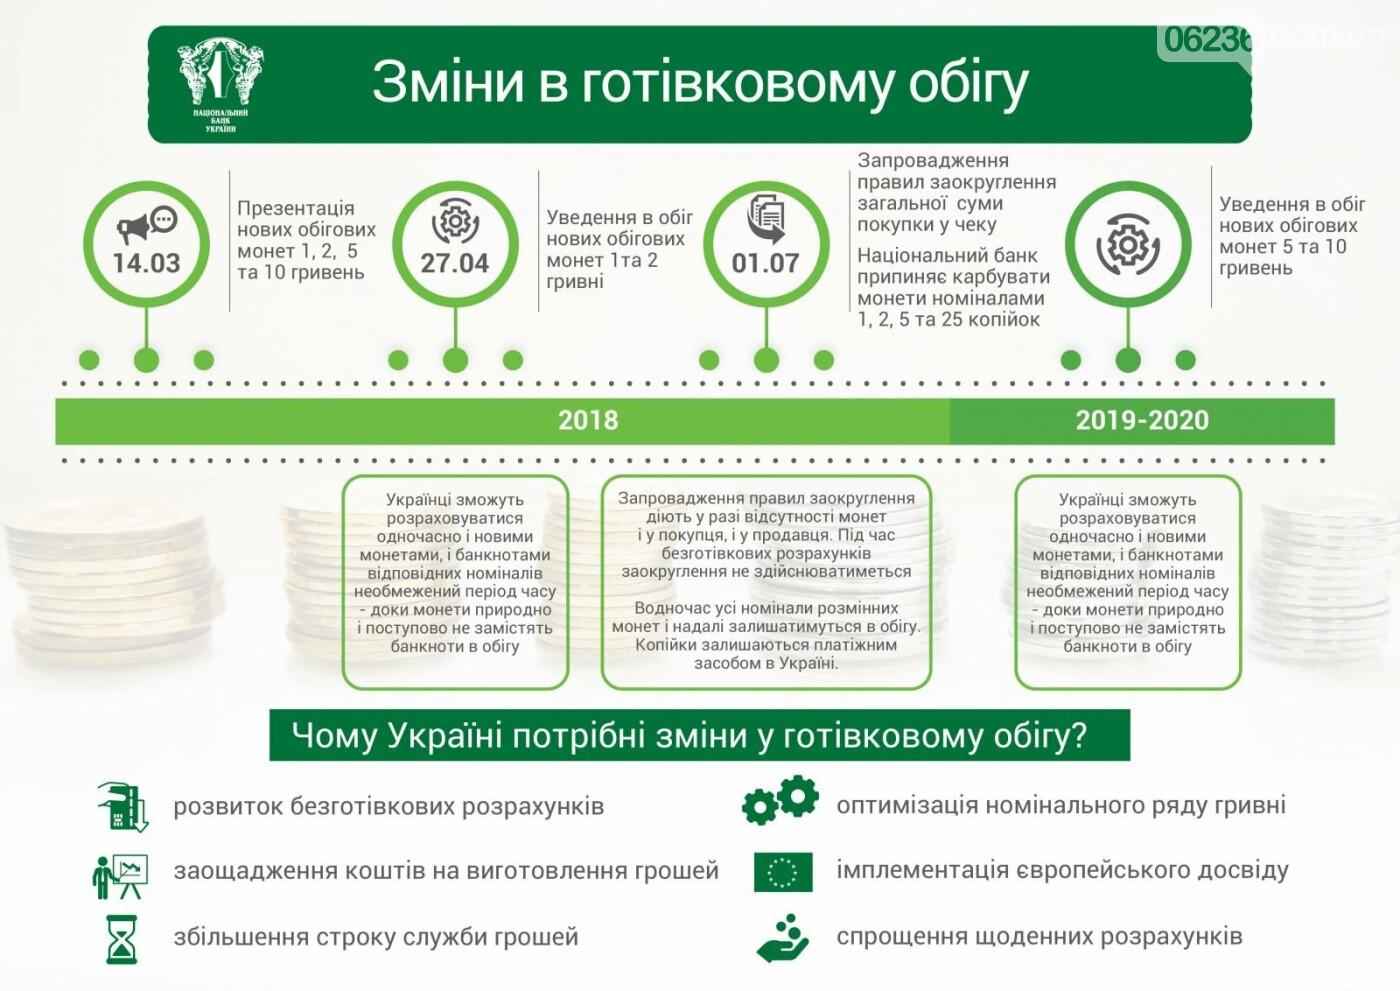 С 1 июля в Украине прекратят чеканить монеты номиналами до 25 копеек (ИНФОГРАФИКА), фото-1